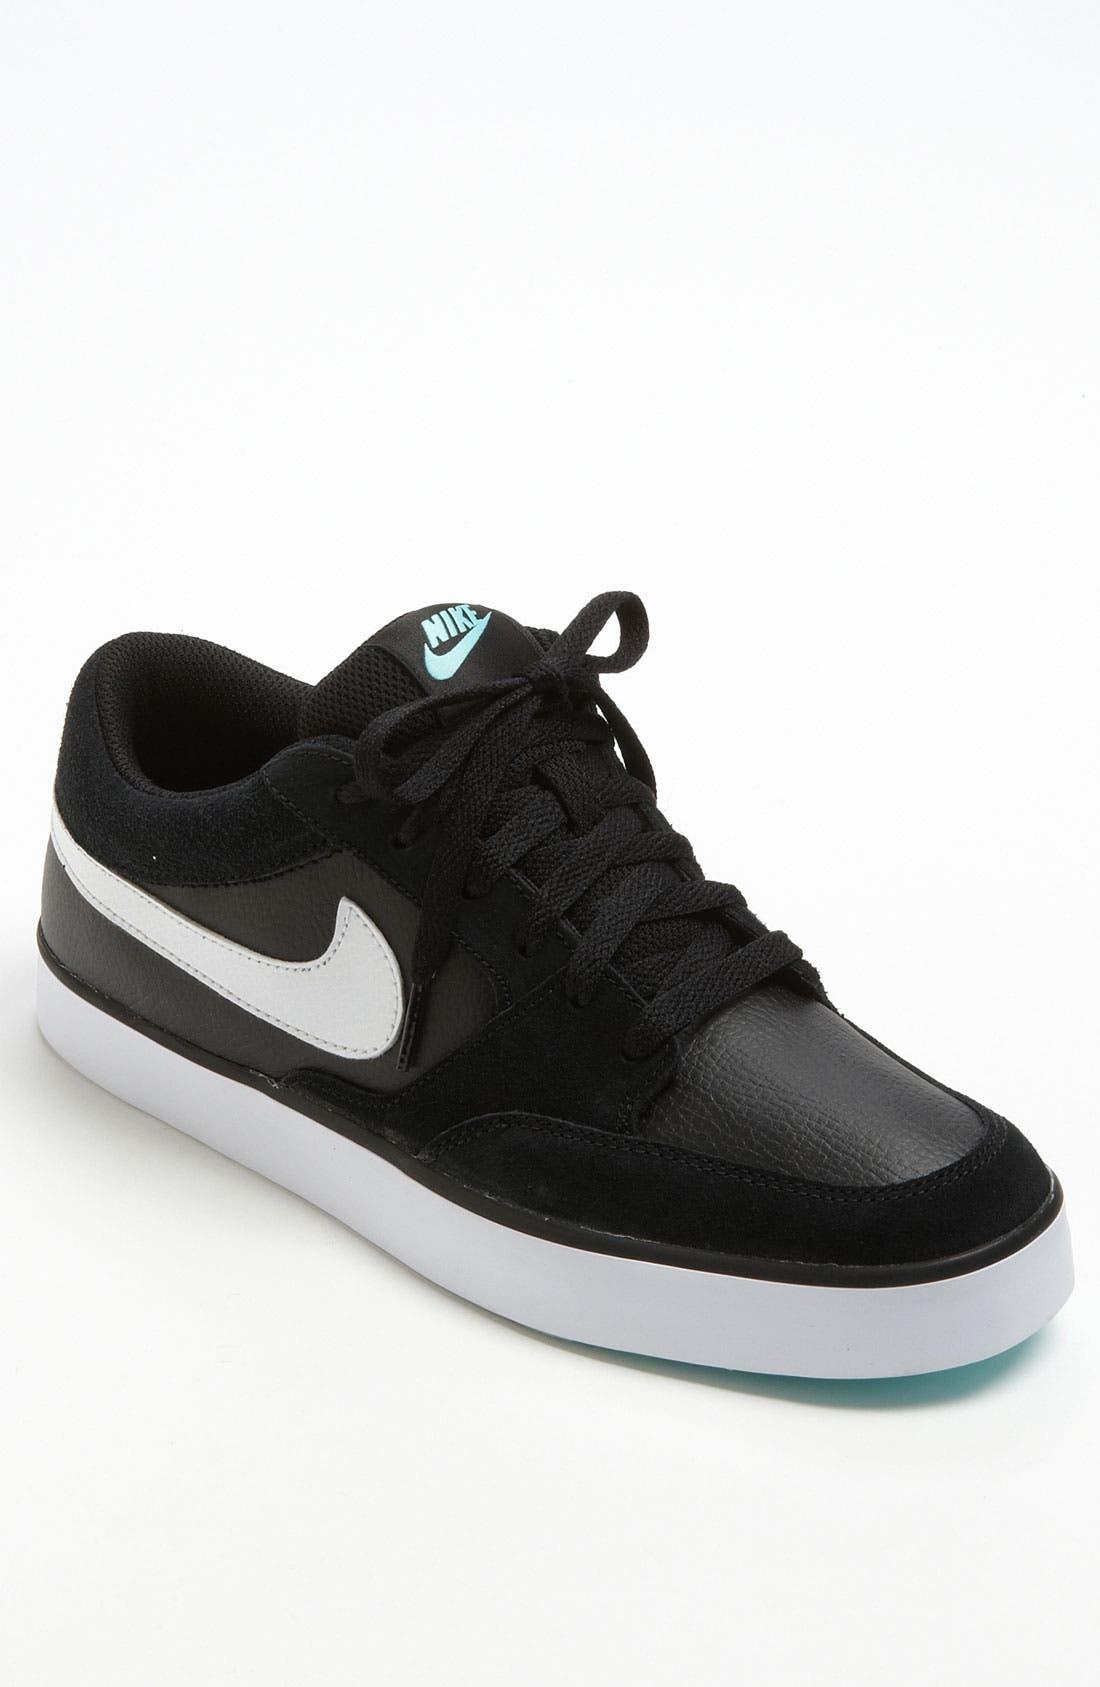 Alternate Image 1 Selected - Nike 'Avid' Sneaker (Men)